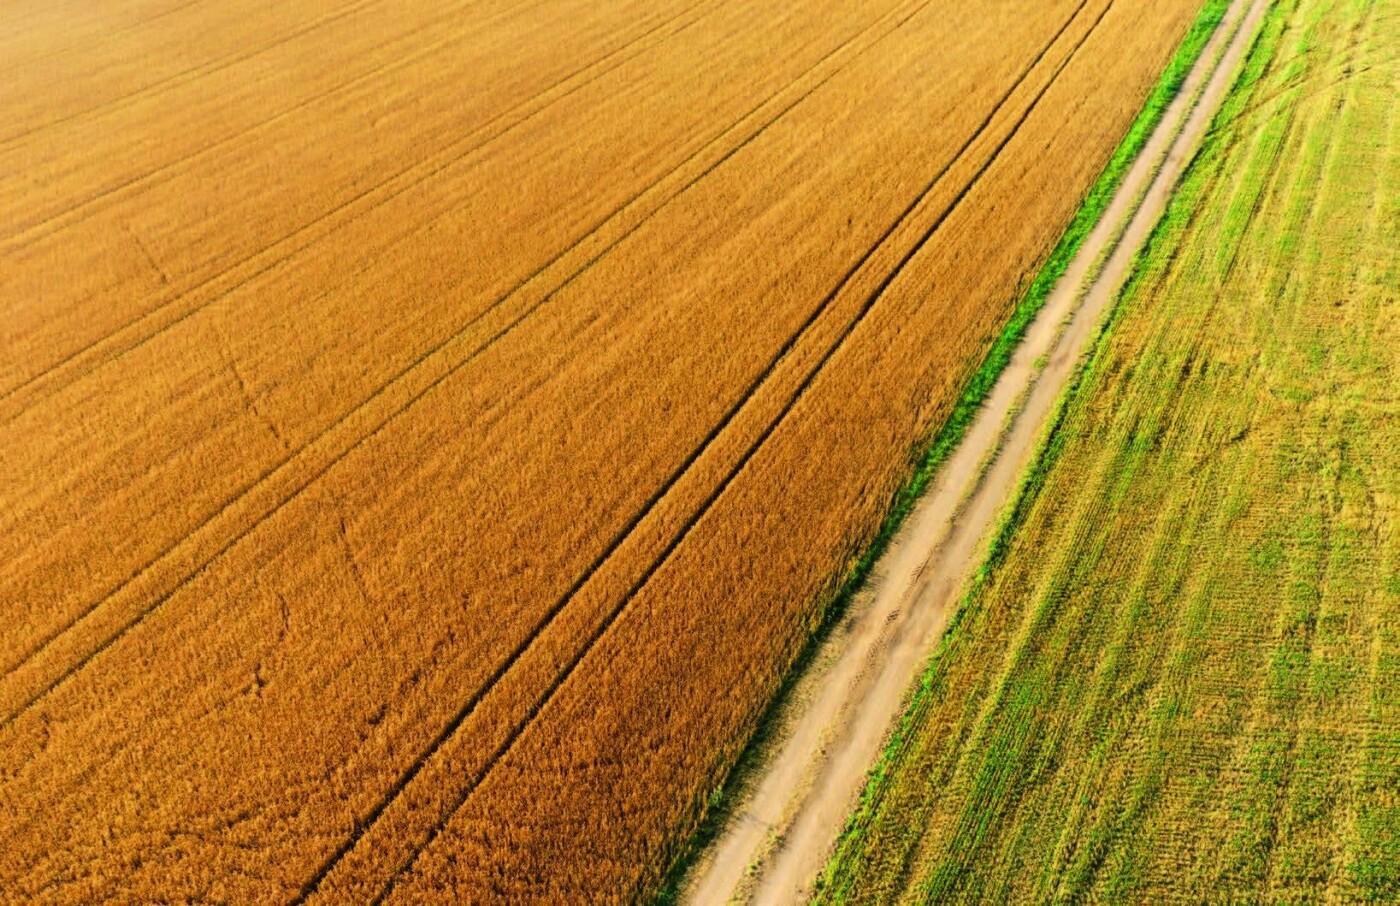 Мішки зерна замість грошей: чому мораторій на продаж землі буксує розвиток сіл Сумщини, фото-1